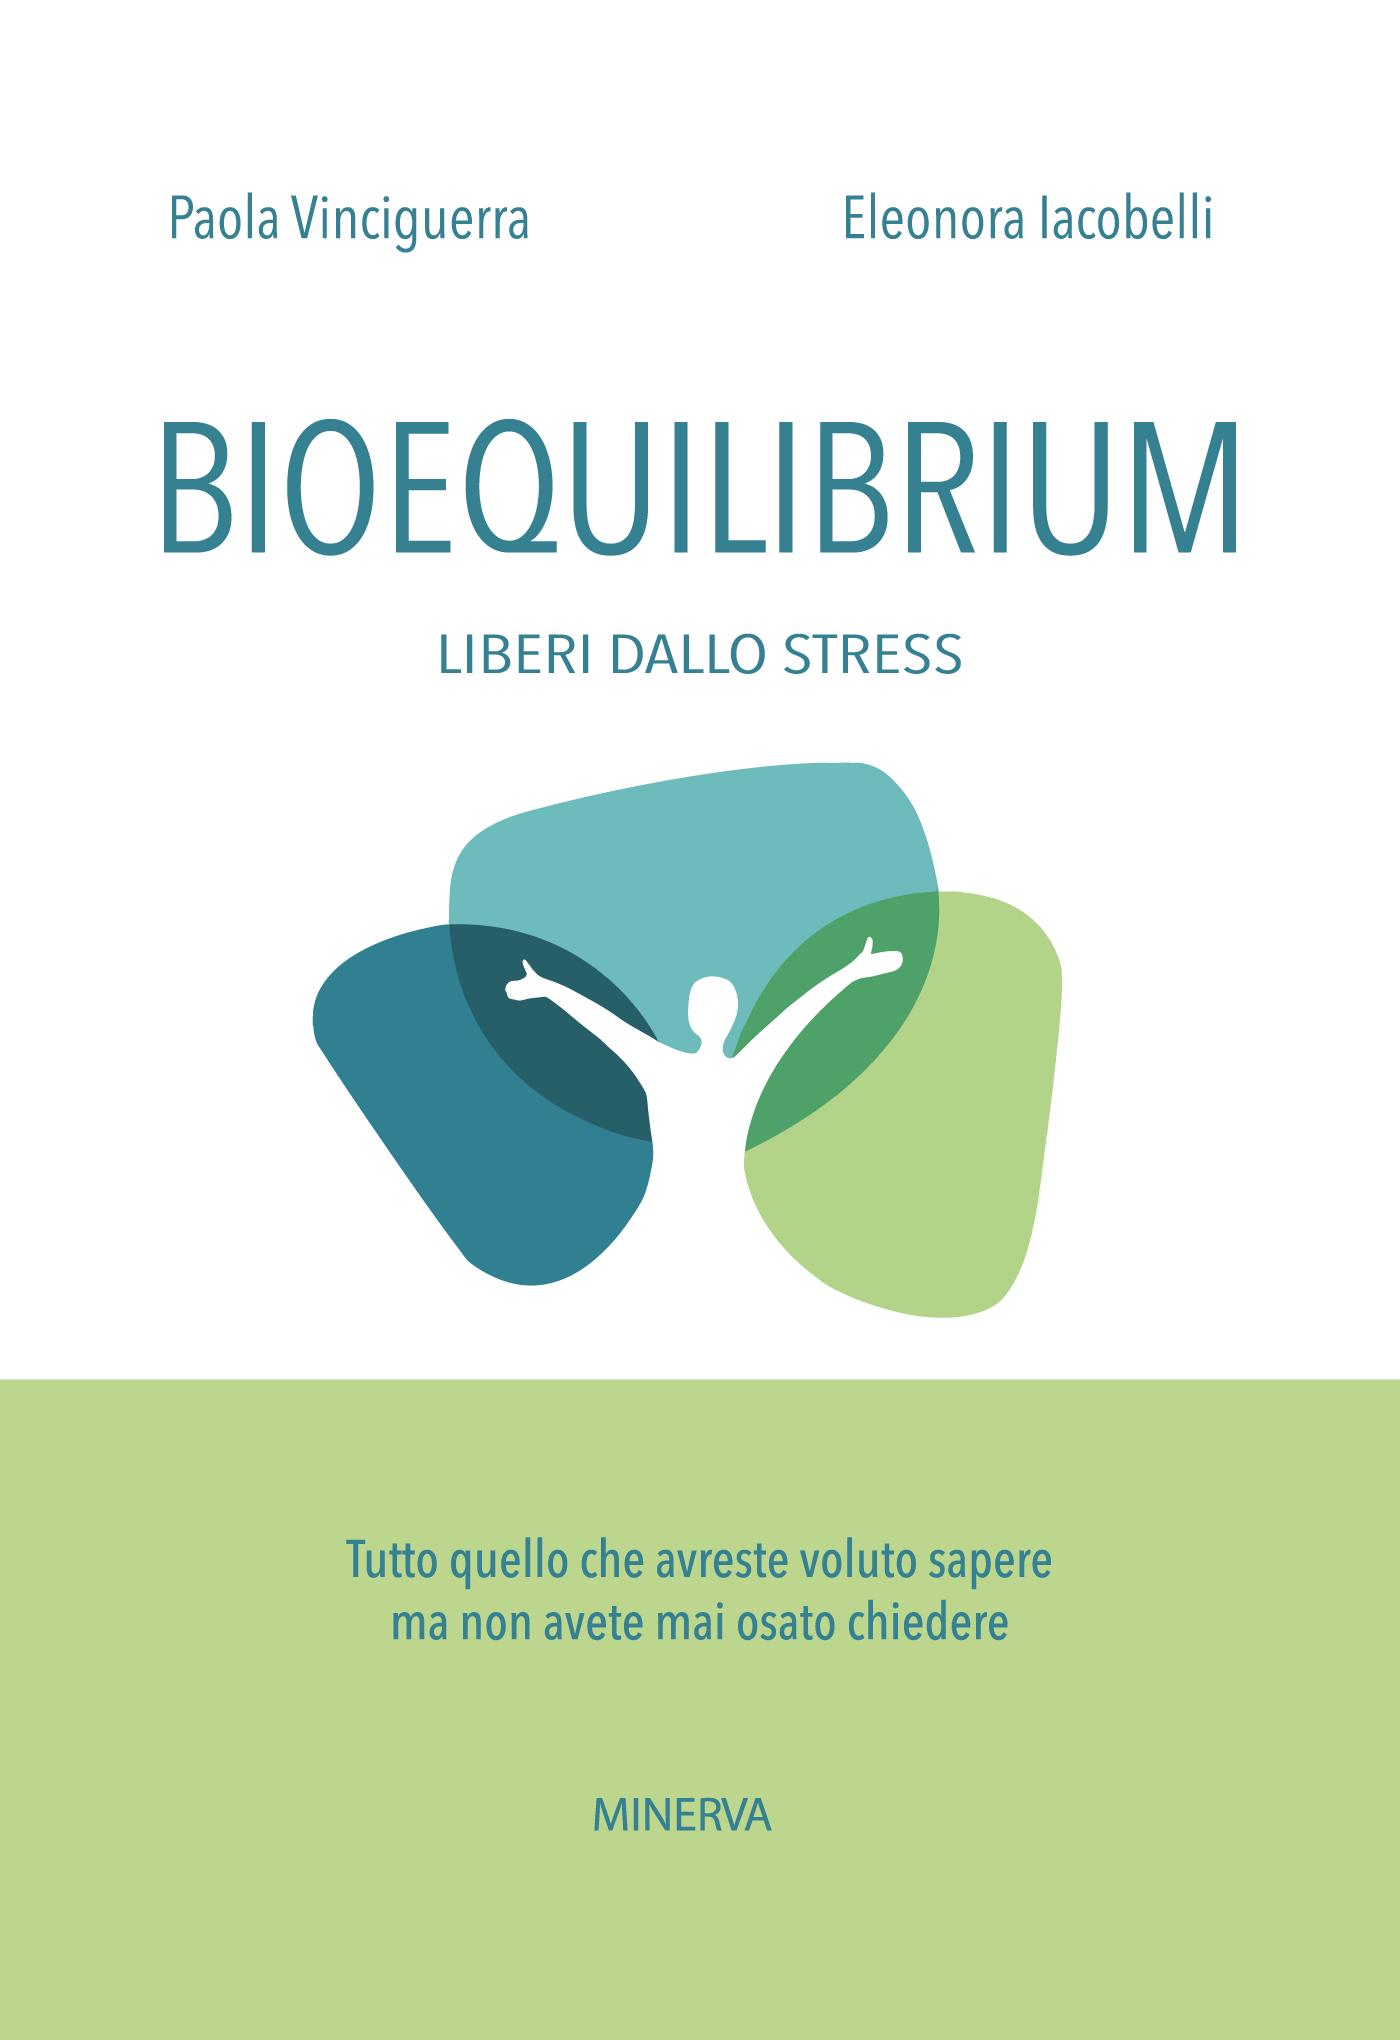 Bioequilibrium - Liberi dallo stress, di Paola Vinciguerra e Eleonora Iacobelli